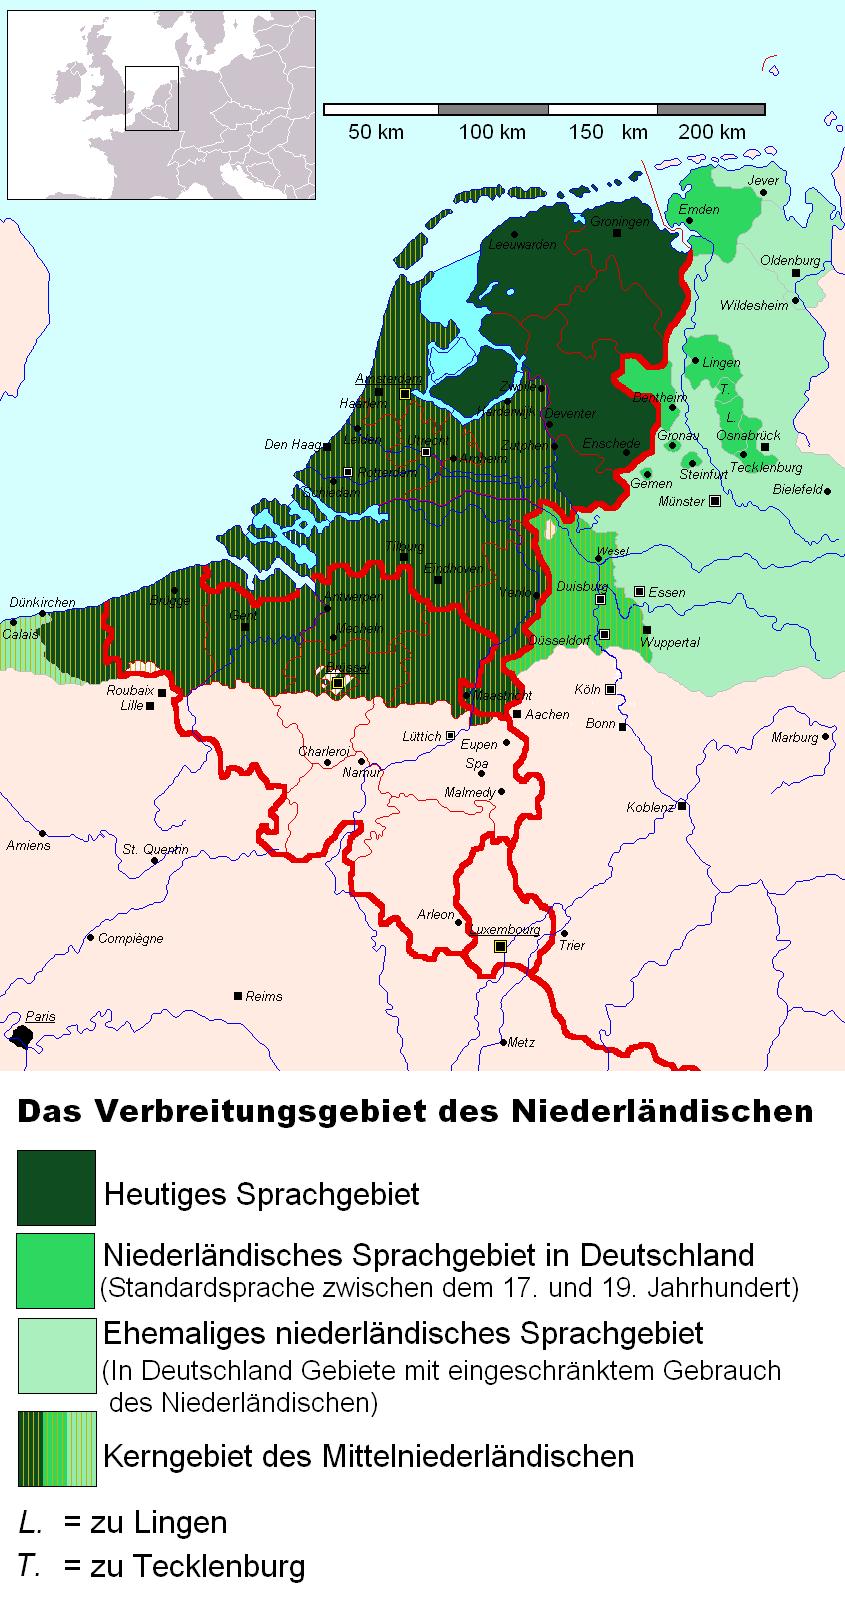 Verbreitungsgebiet_des_Niederl%C3%A4ndischen.PNG